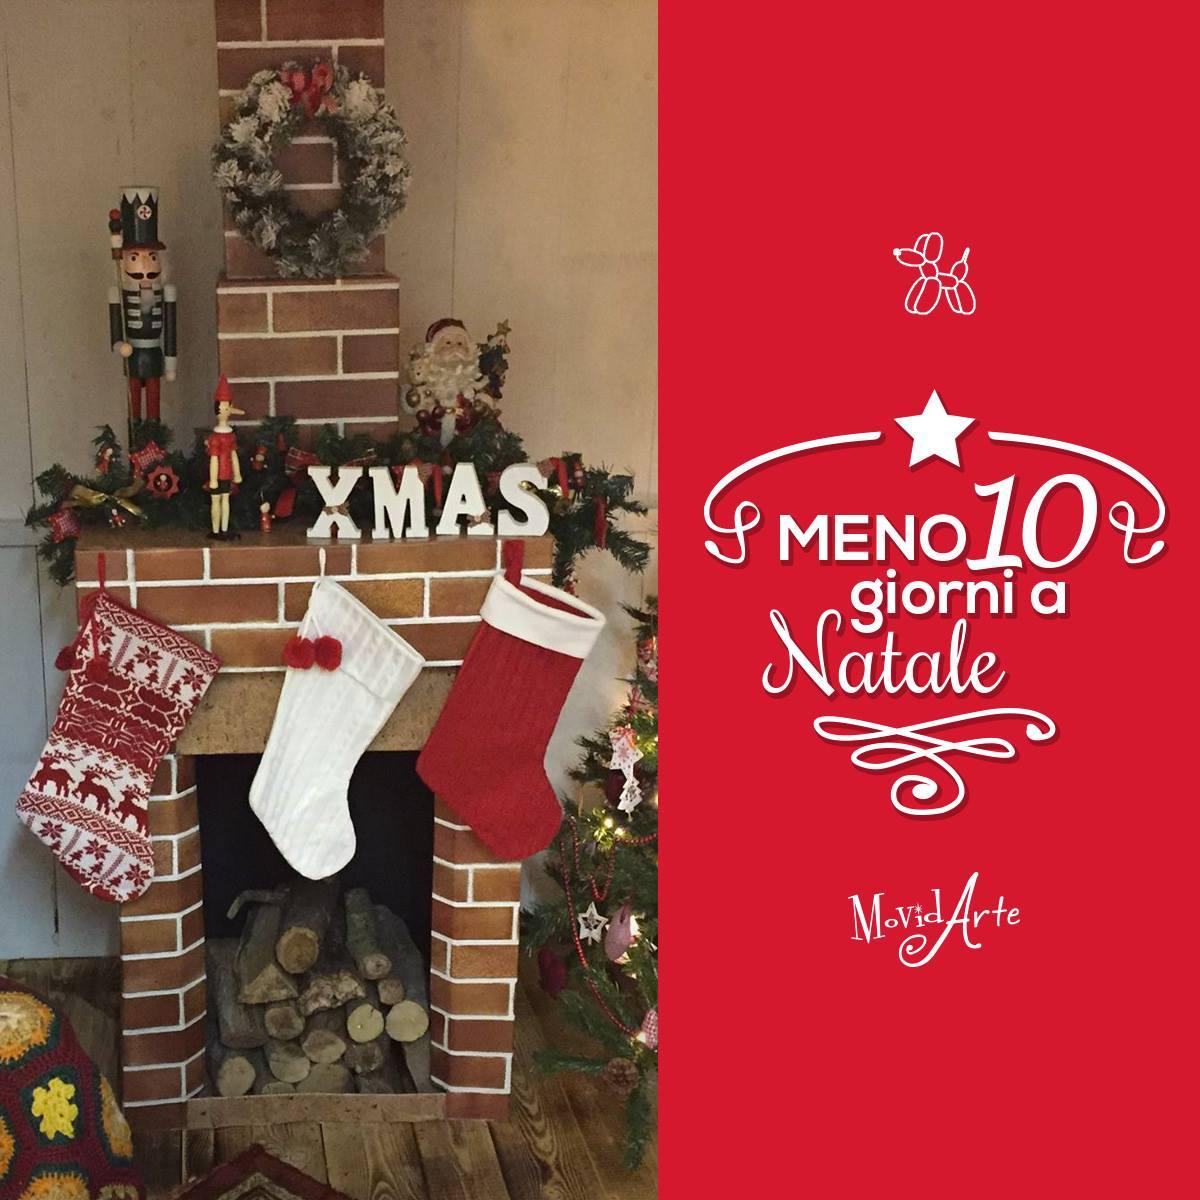 Meno 10 giorni a Natale